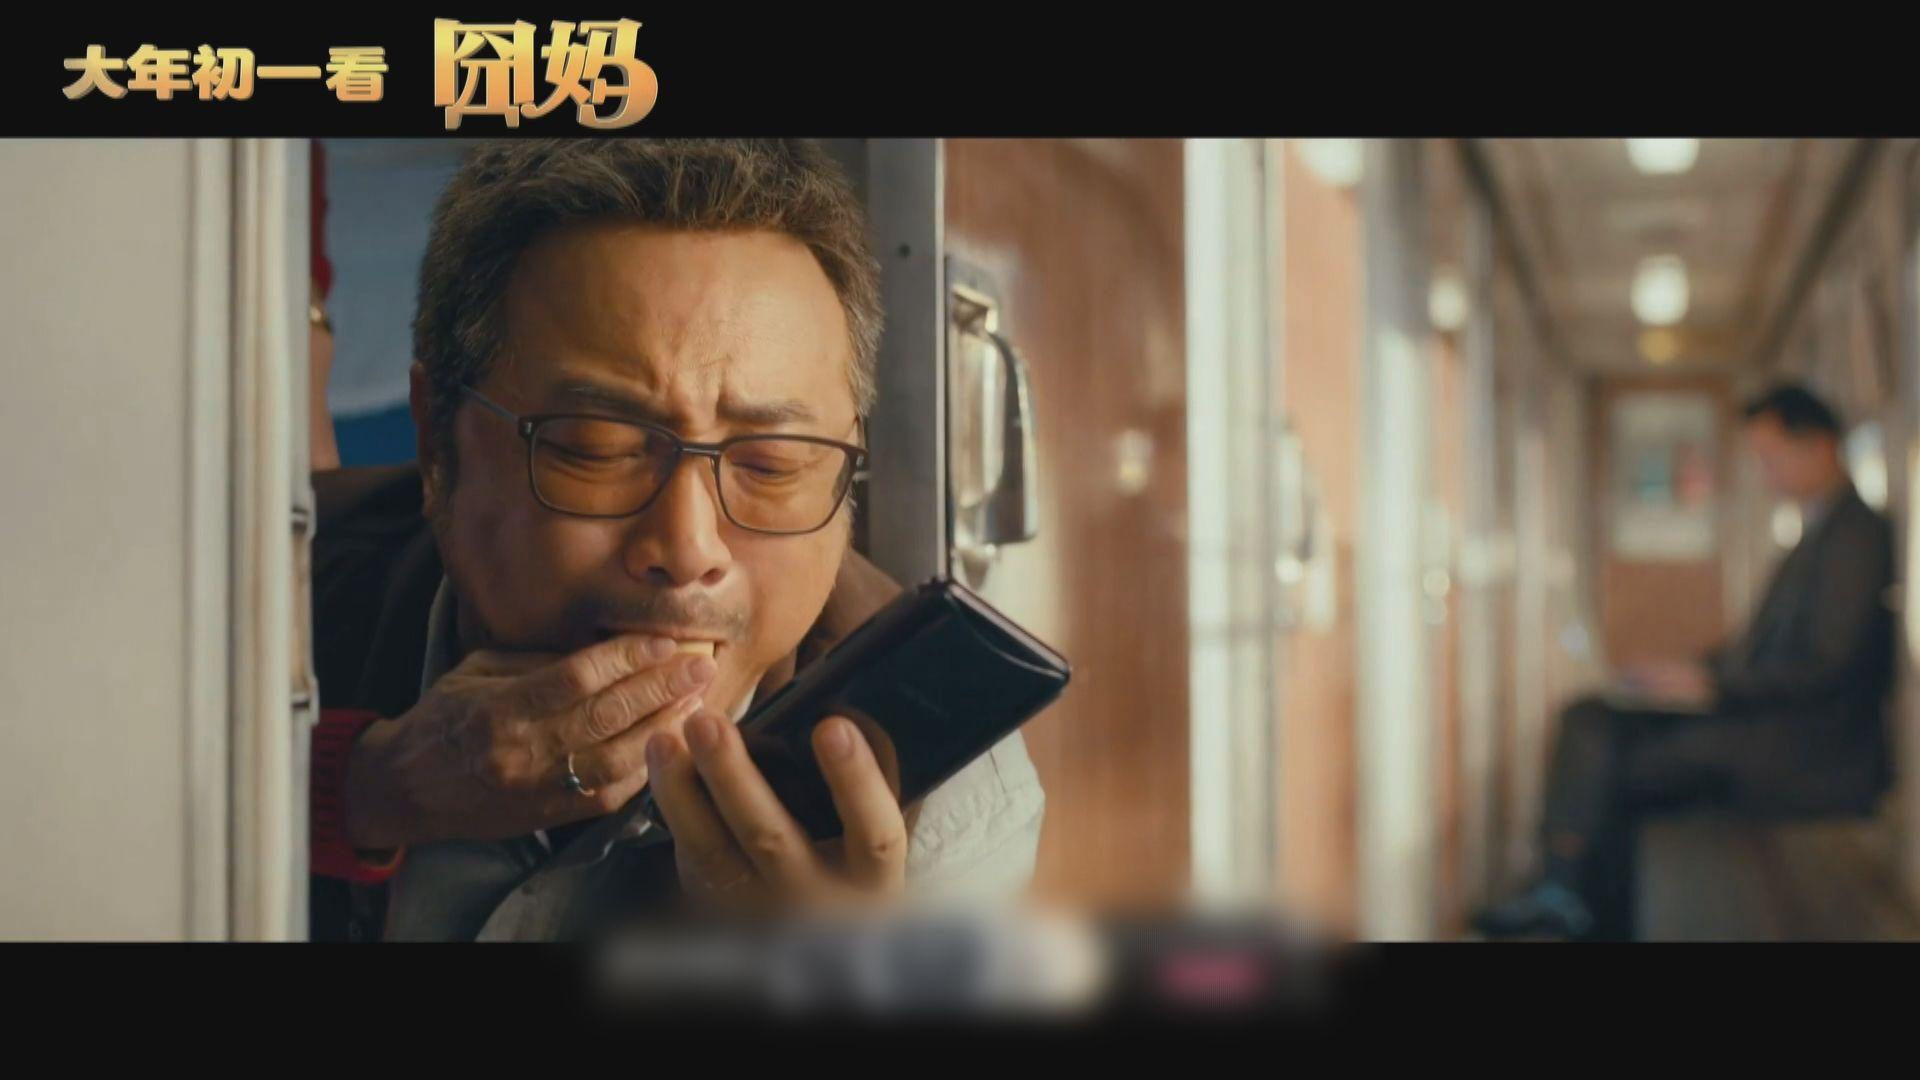 【囧媽】斗音母企約7億元向歡喜傳媒買電影等內容